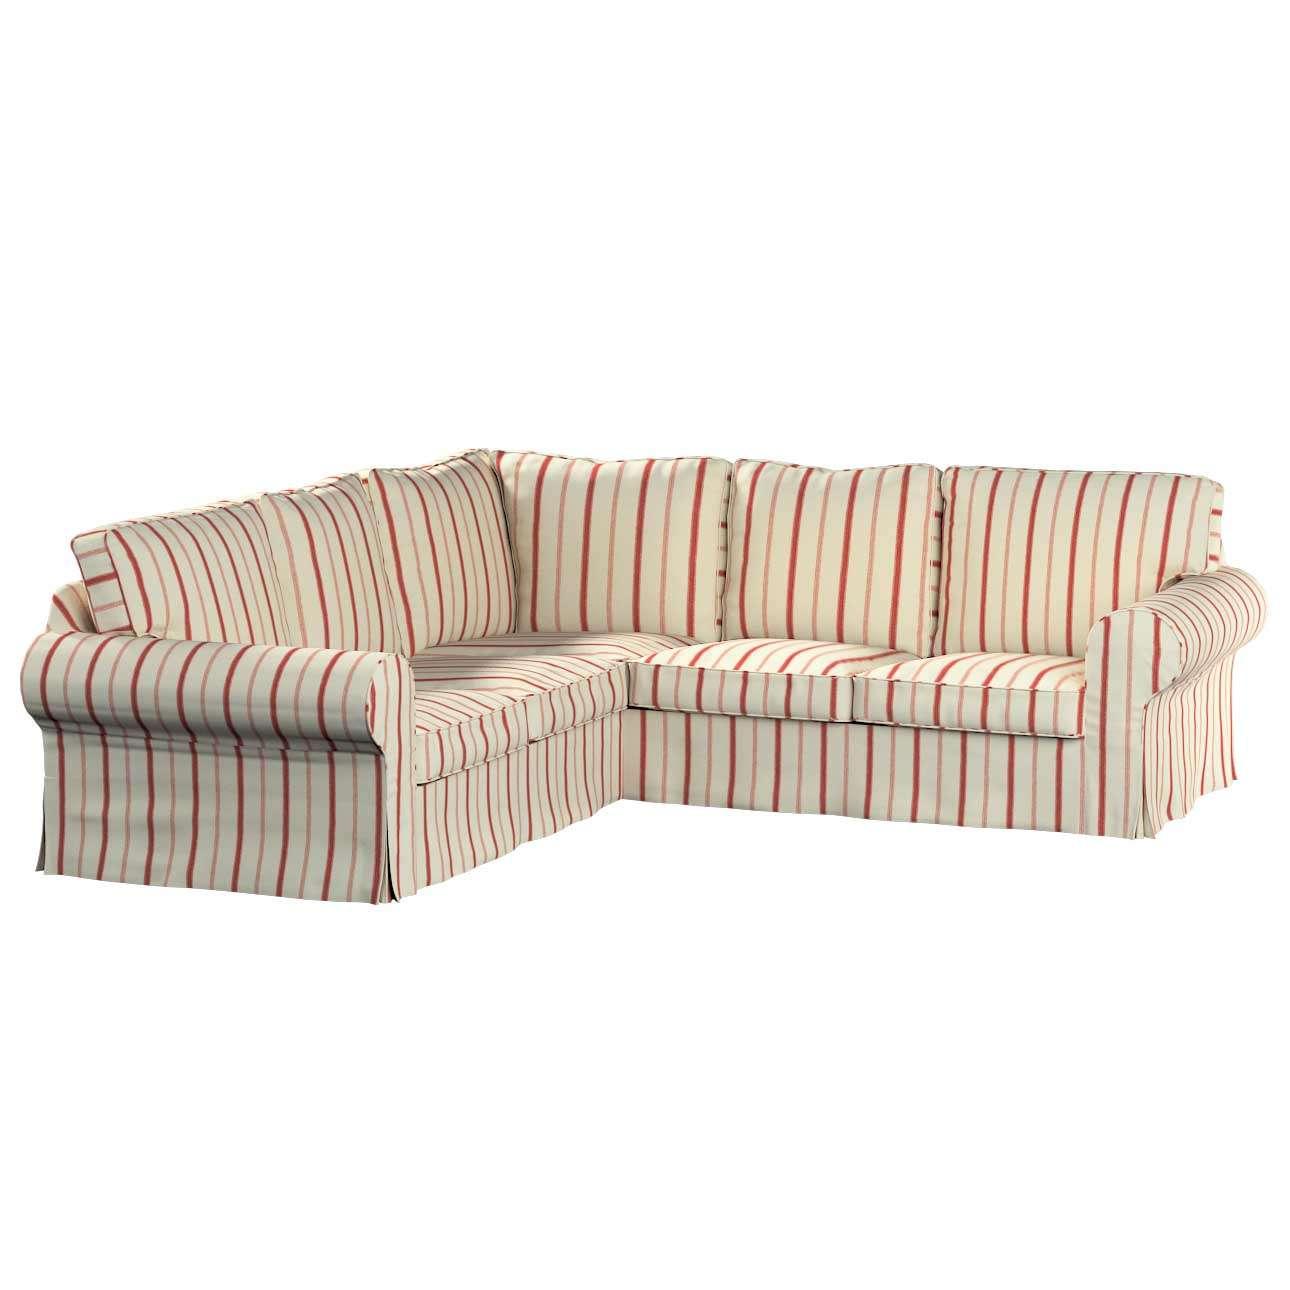 Pokrowiec Ektorp na sofę w kolekcji Avinon, tkanina: 129-15